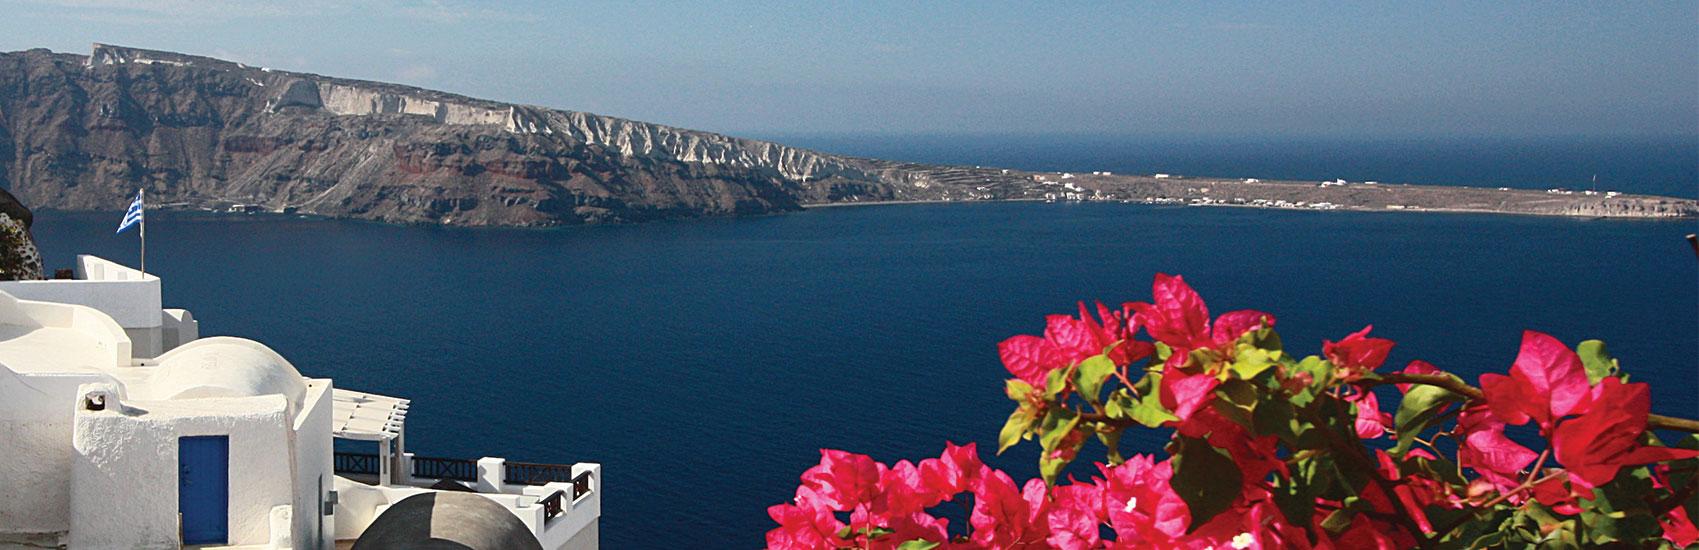 Économies en prime et vol gratuit à destination de la Méditerranée avec Silversea Cruises 2